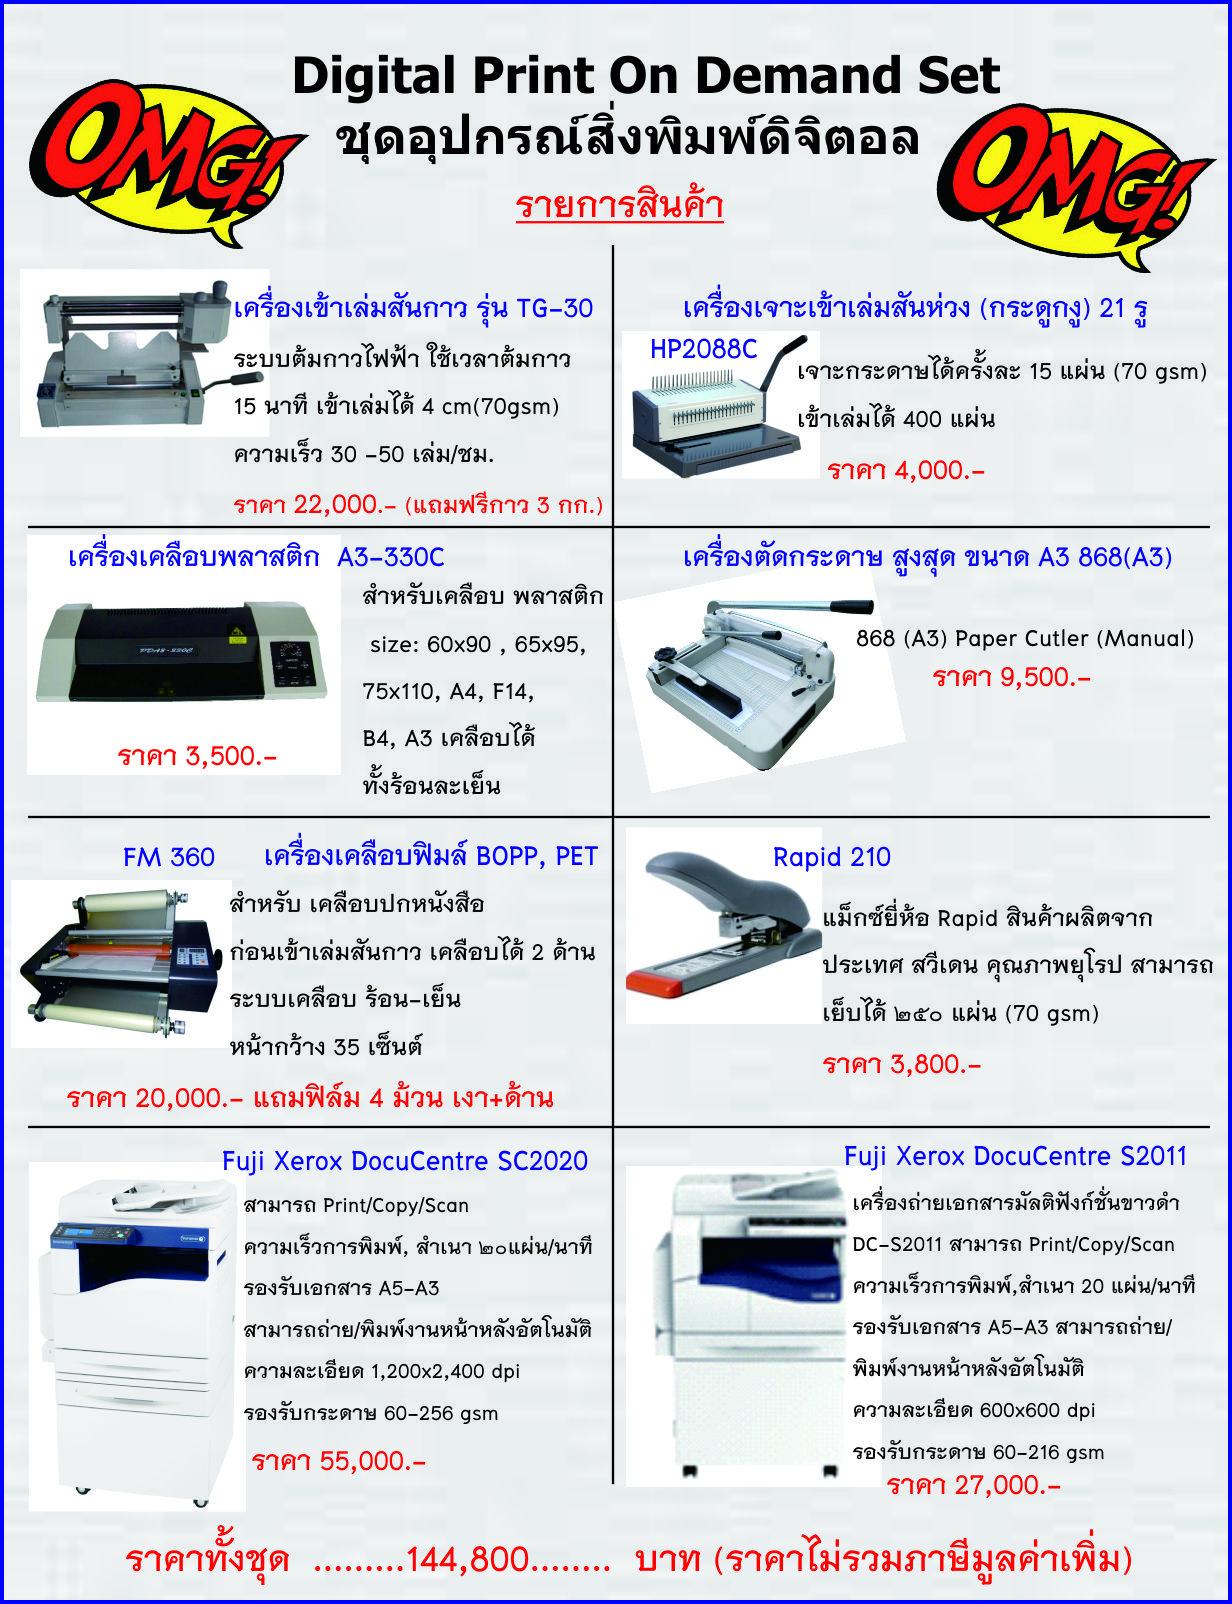 Digital Print On Demand Set ชุดอุปกรณ์สิ่งพิมพ์ดิจิตอล